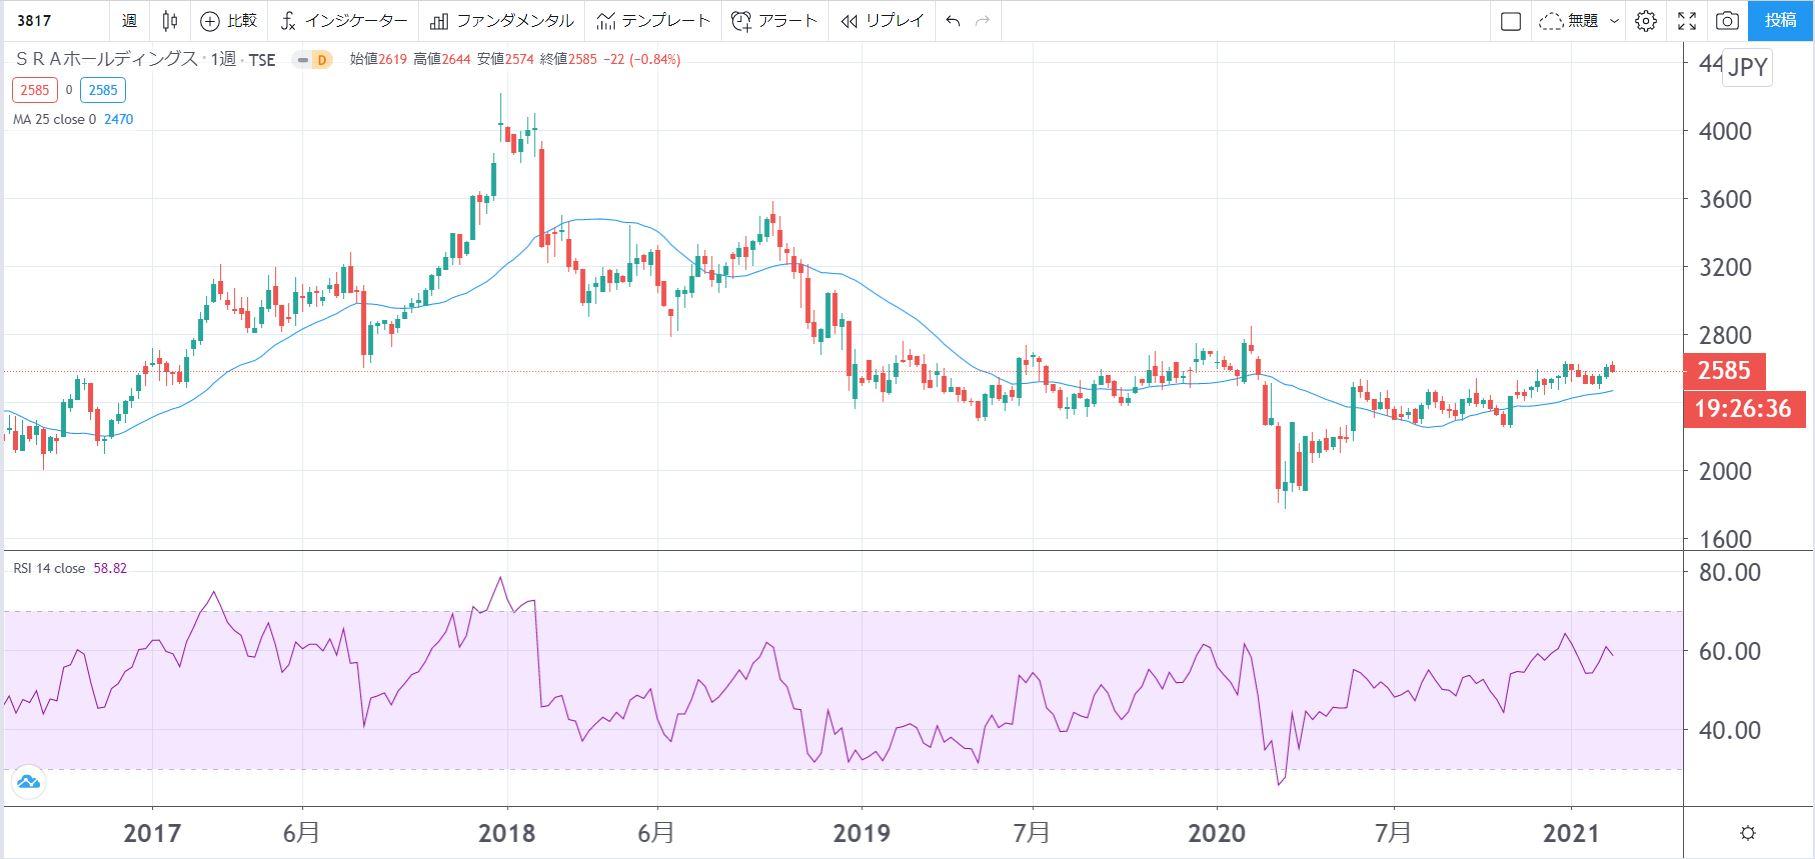 5年株価チャート-SRAホールディングス